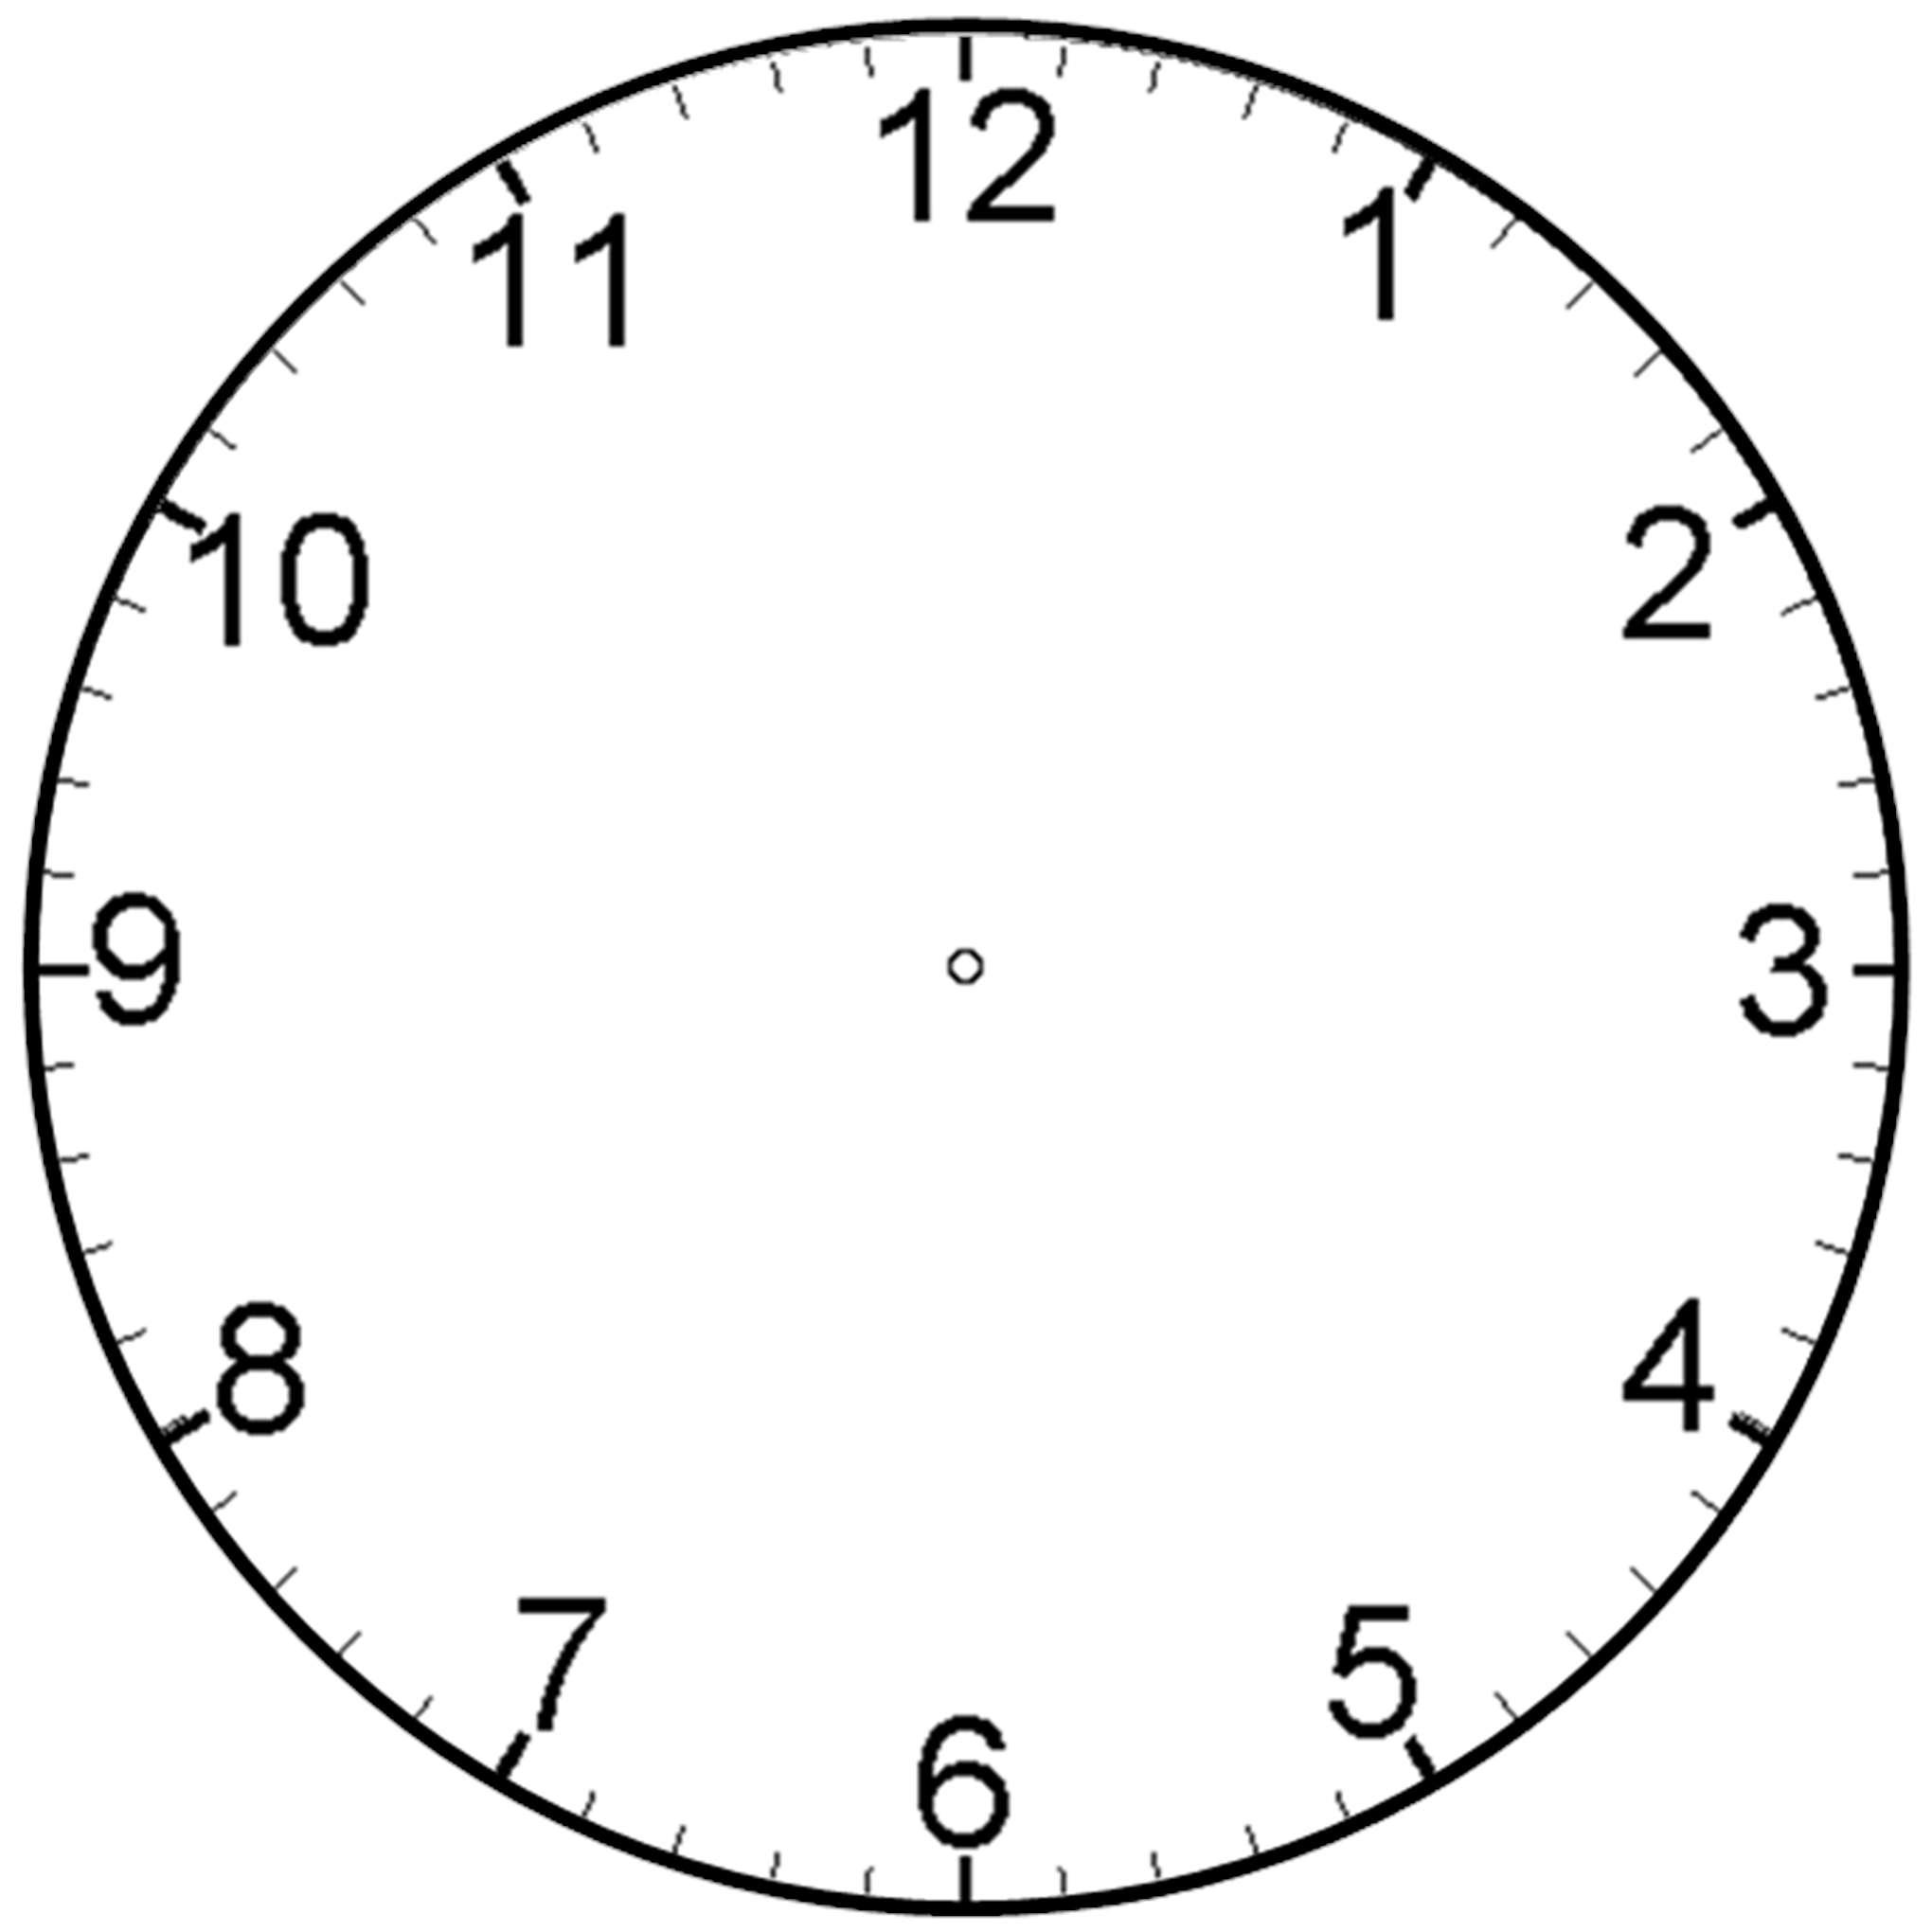 2040x2040 Blank Clock Clipart 9tzeojyjc Jpeg